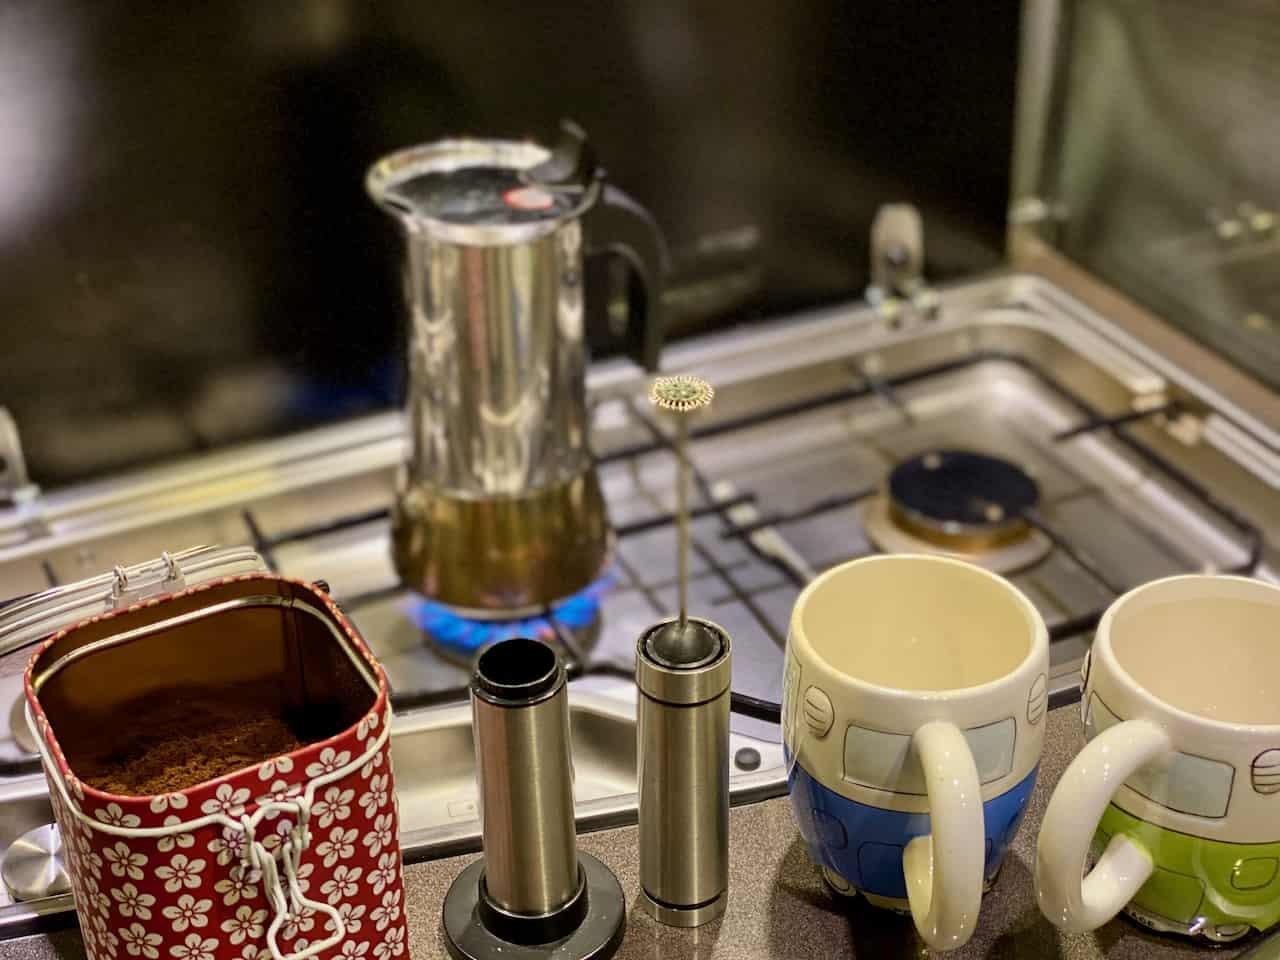 Camping-und-Kaffee-aus-der-Bialetti-Venus-Adhoc-Rapido-Milchaufschäumer-Espressopulver